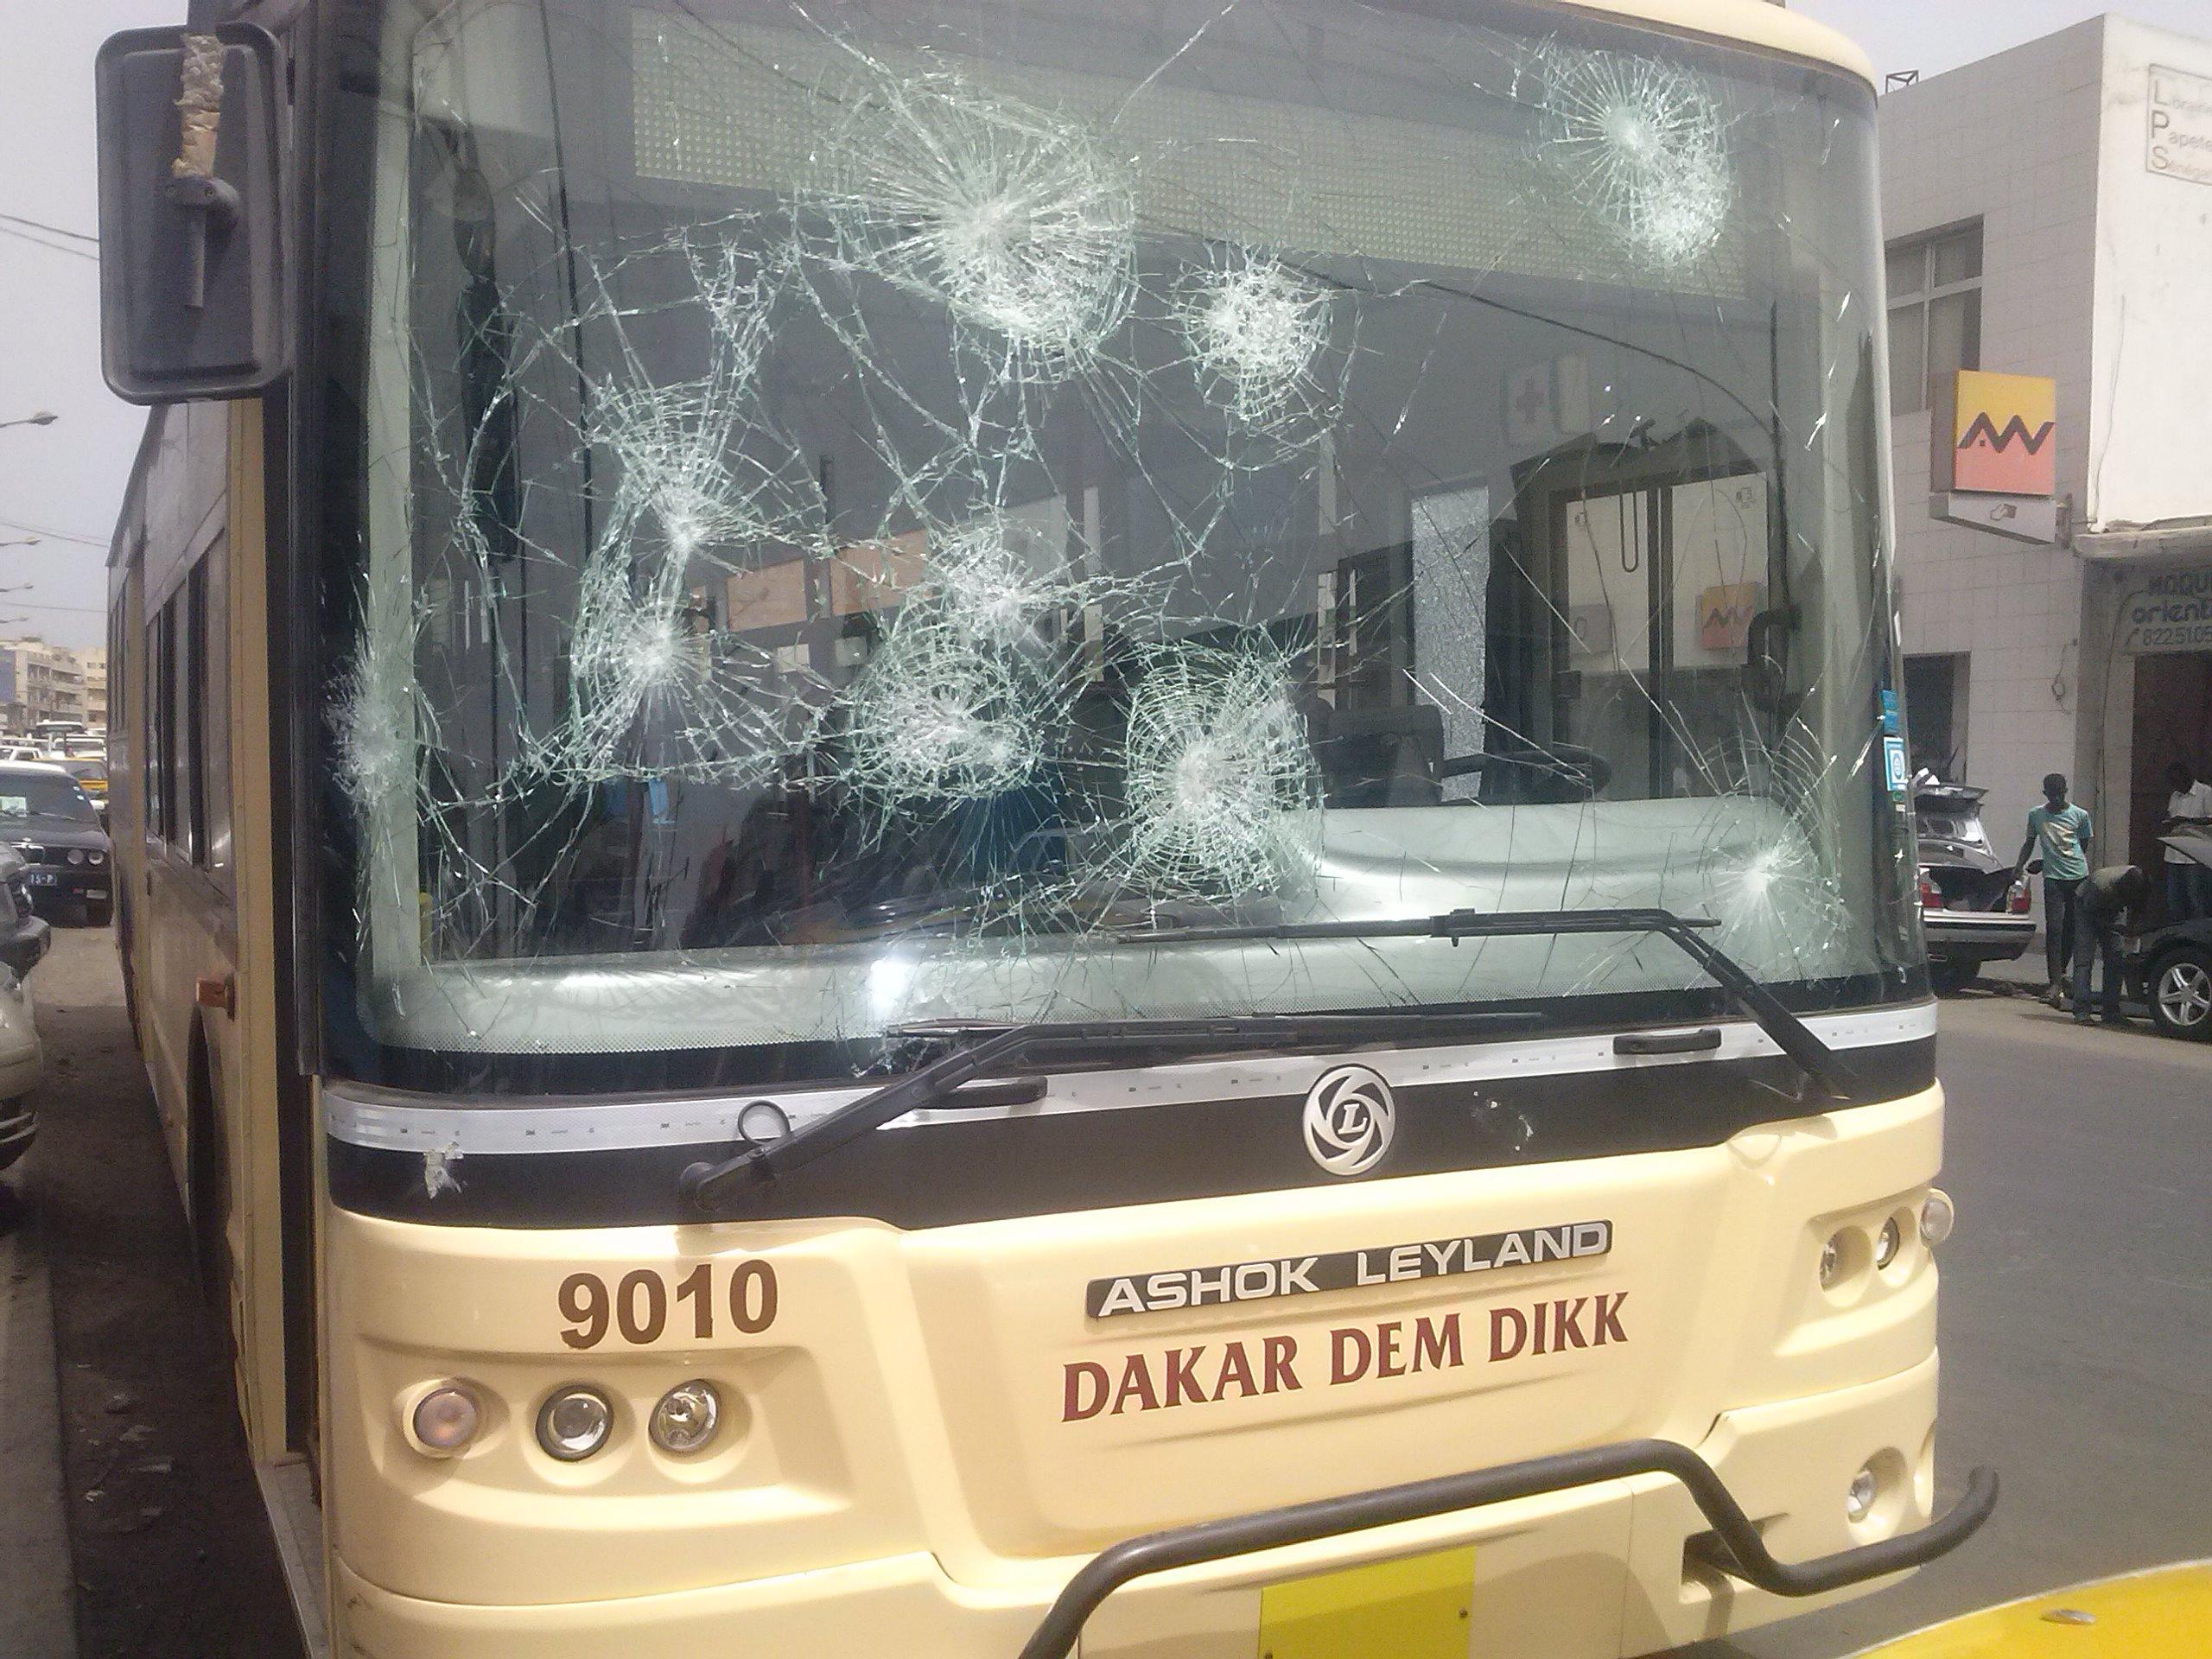 Saccage de son bus : DDD porte plainte auprès du procureur de la République